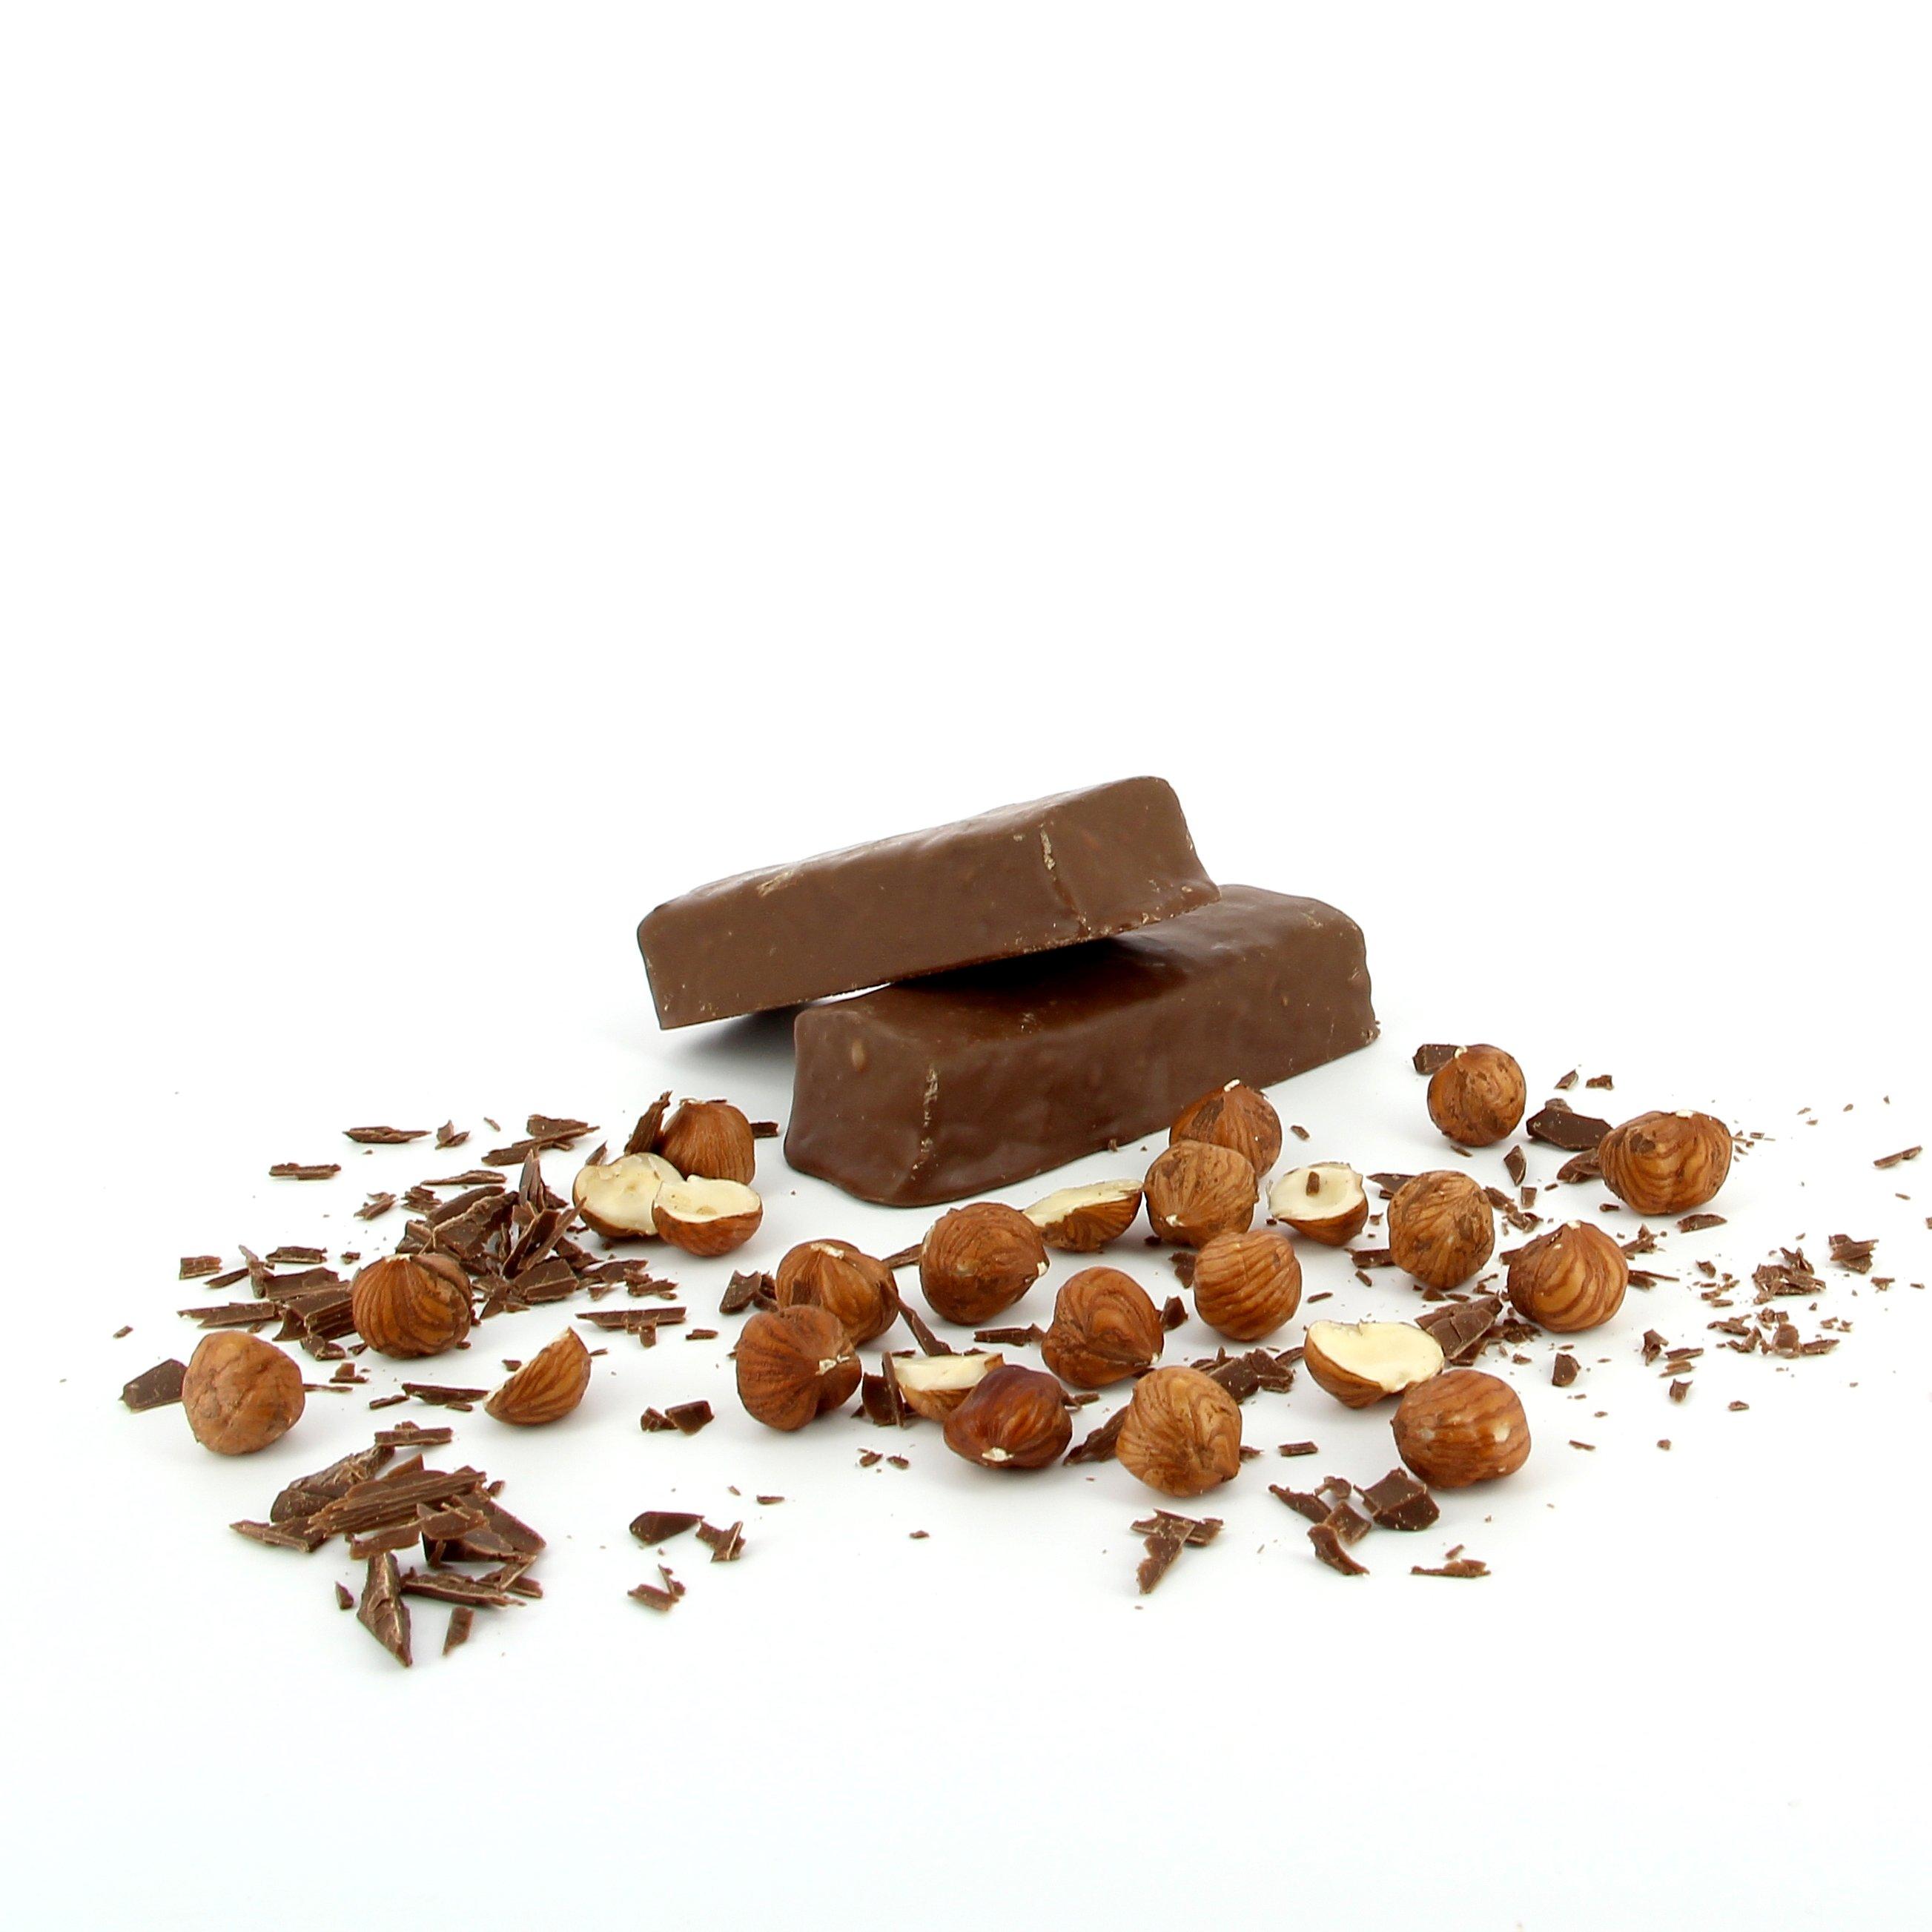 Čokoládová tyčinka s lískovými oříšky